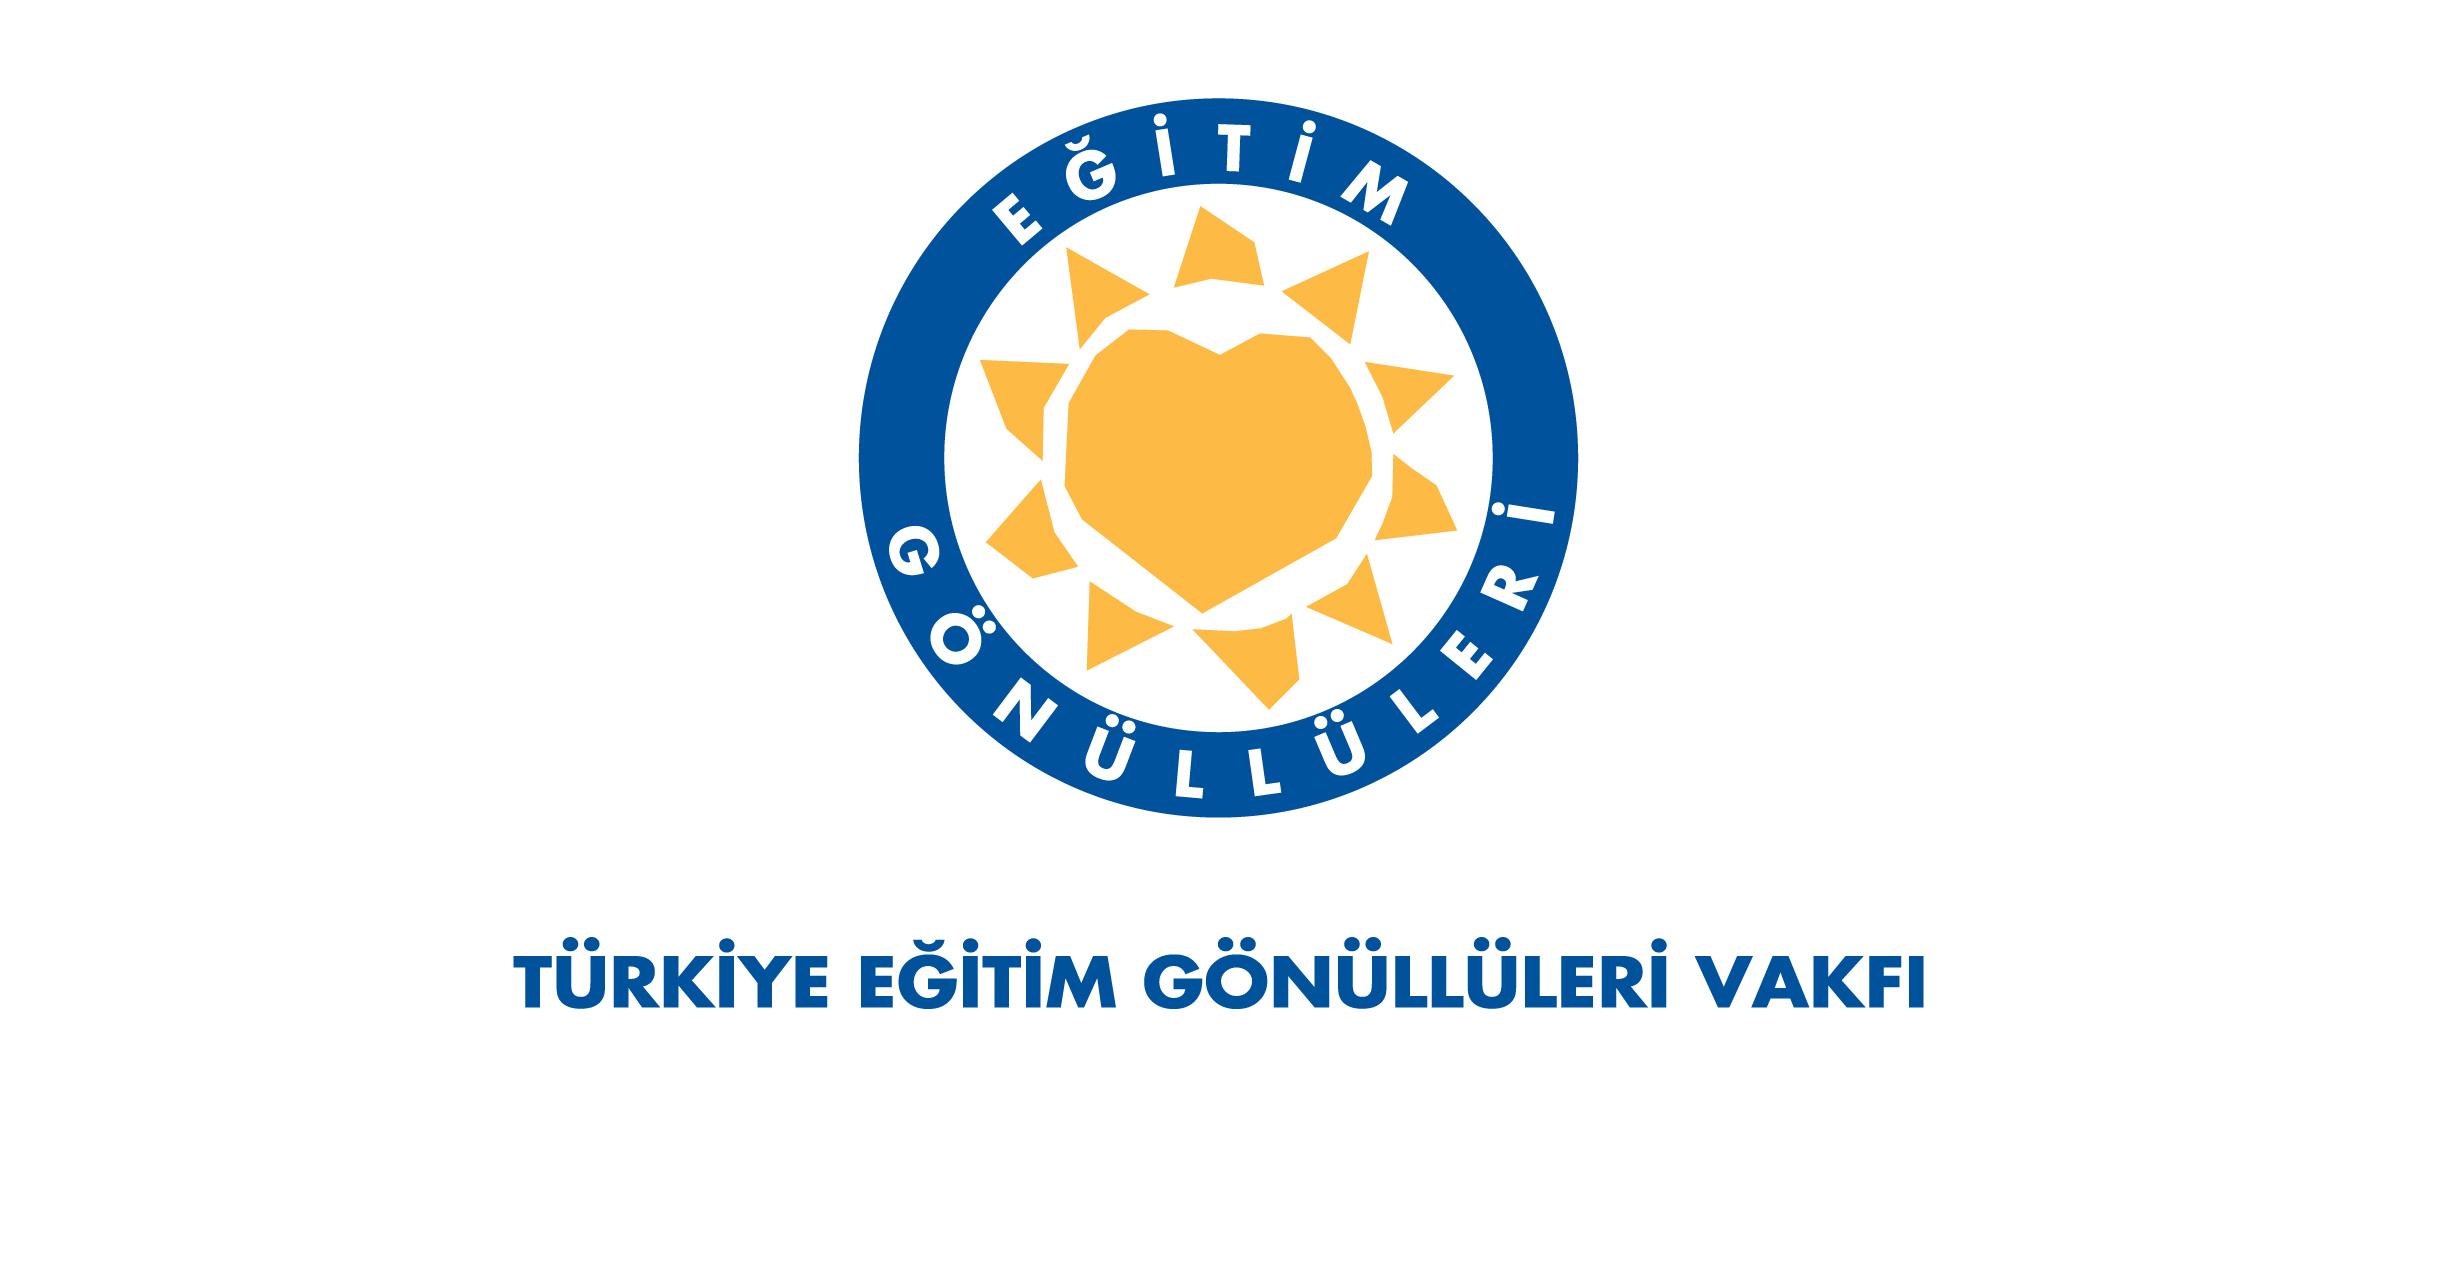 Türkiye Eğitim Gönüllüleri Vakfı – TEGV Educational Volunteers Foundation of Turkey